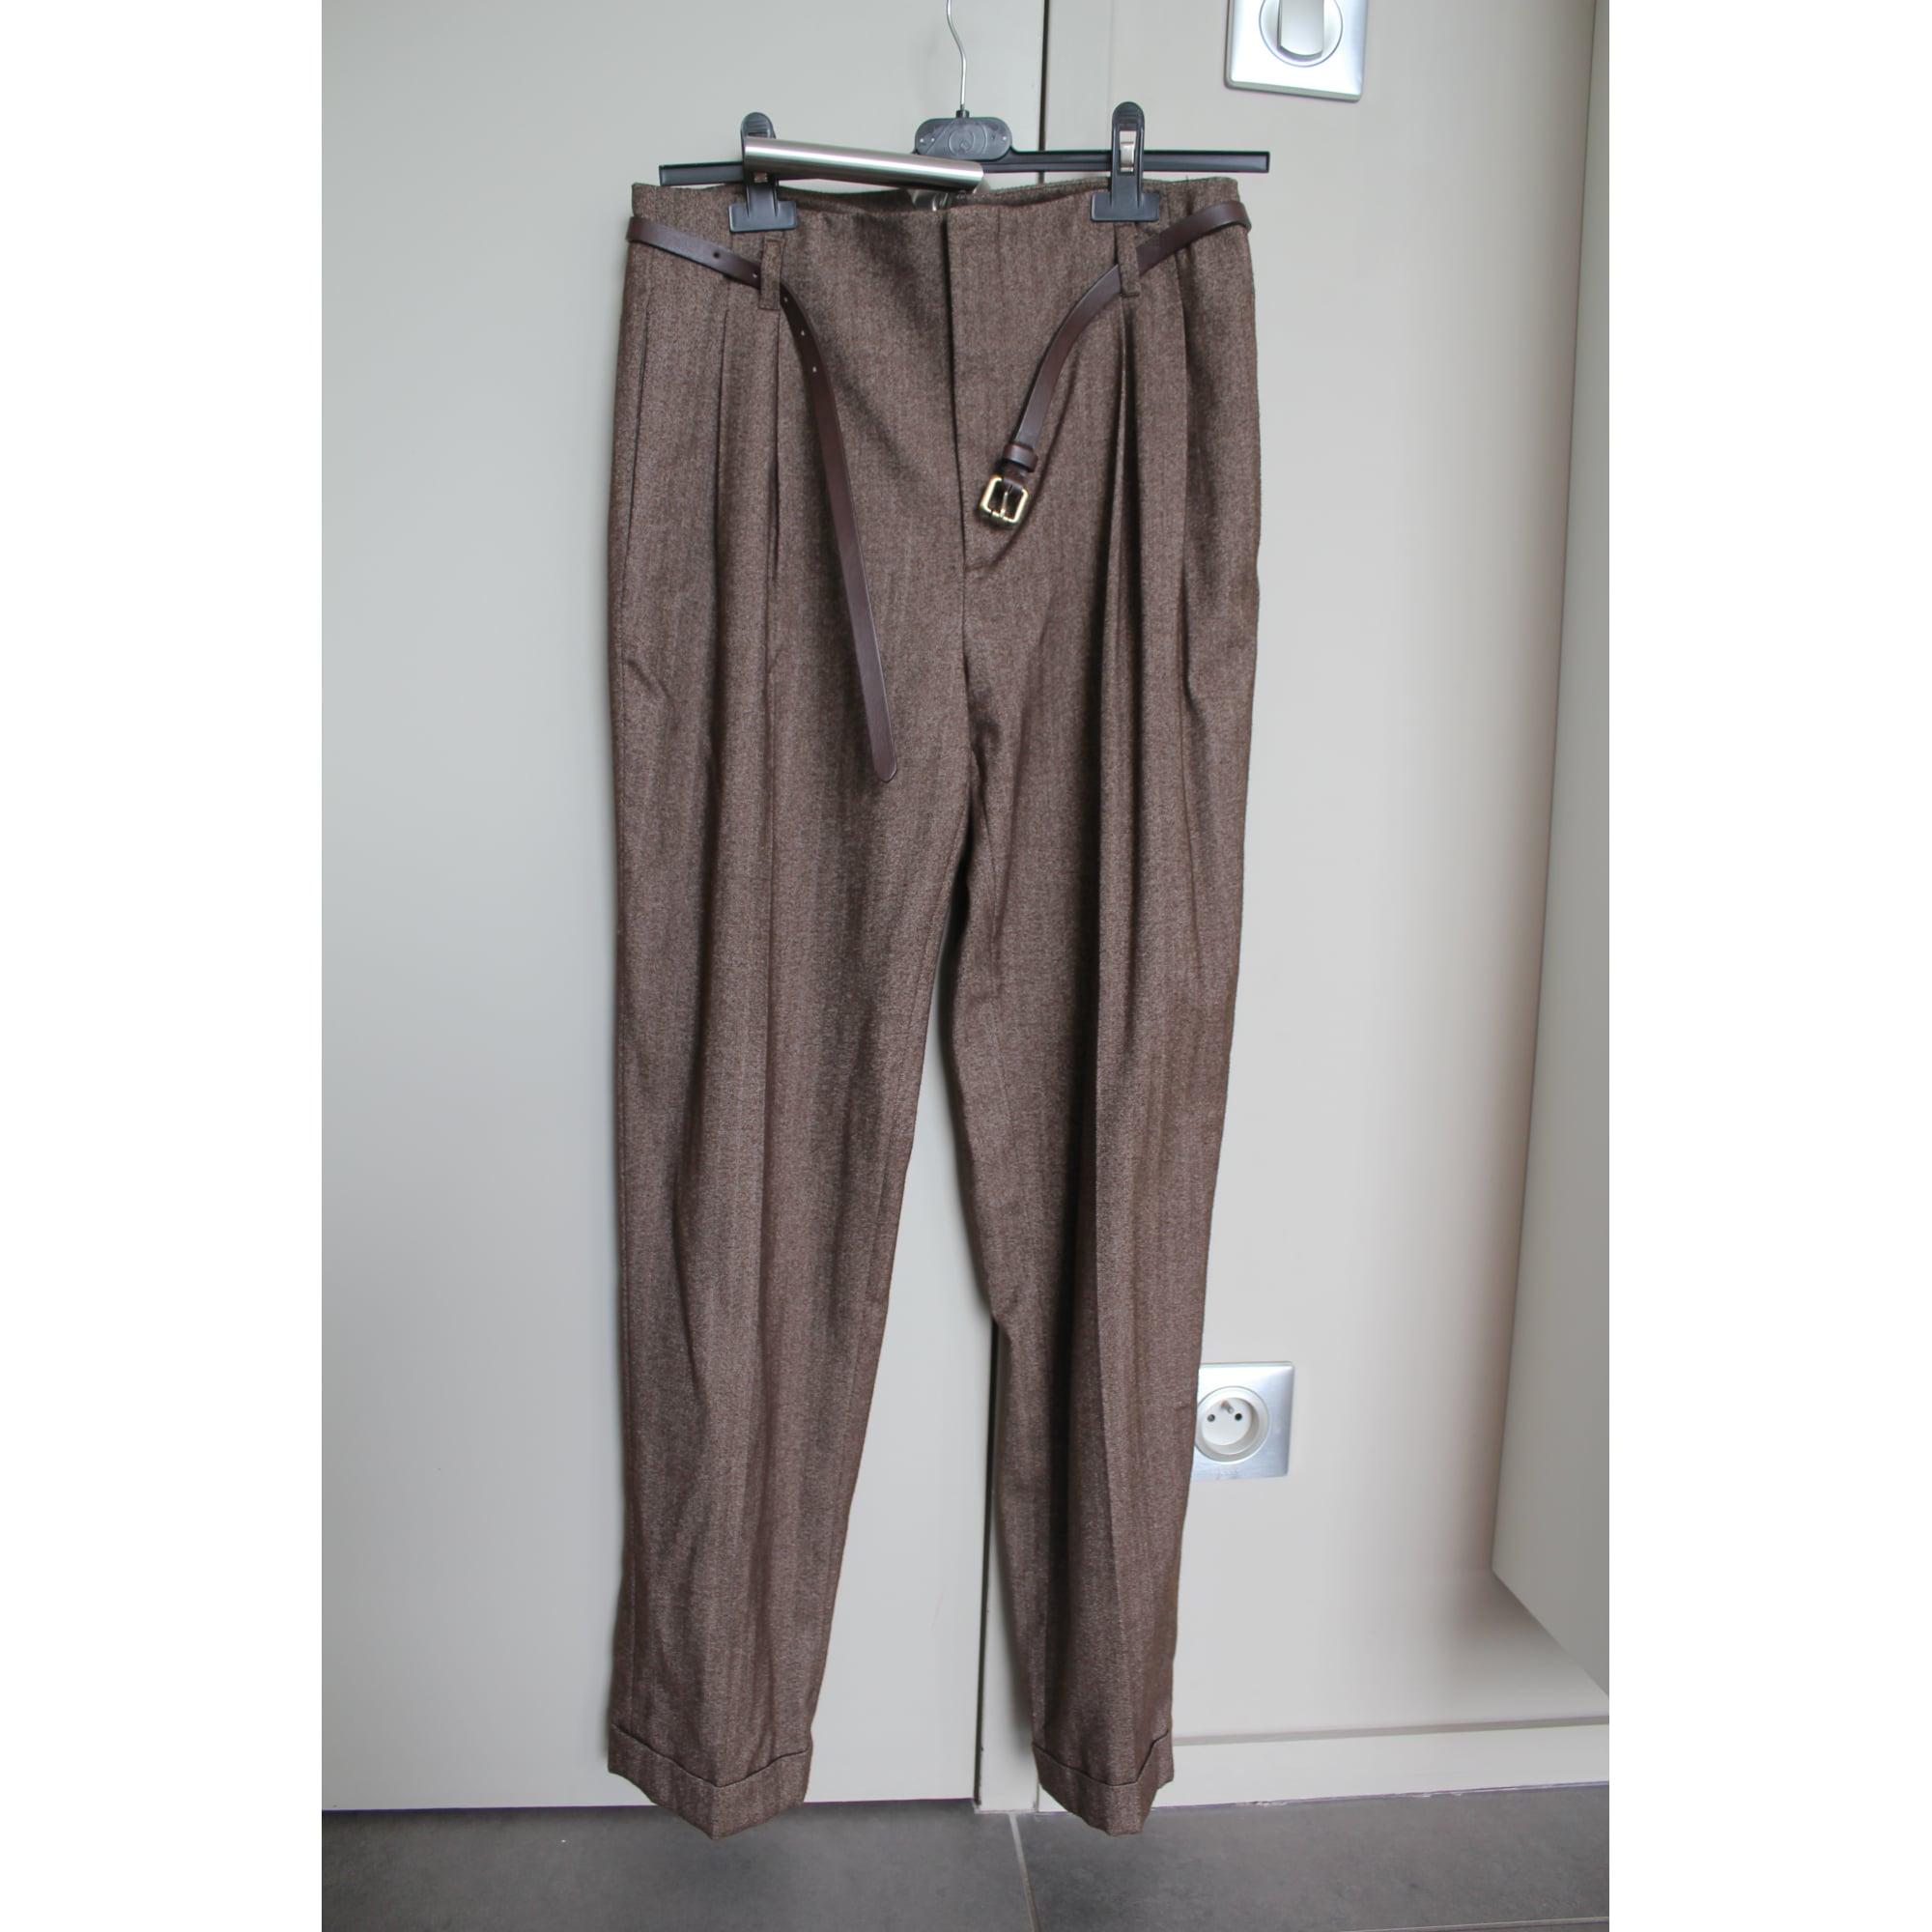 Pantaloni carota Brown Pantaloni Zara di di tdCBhxrsoQ